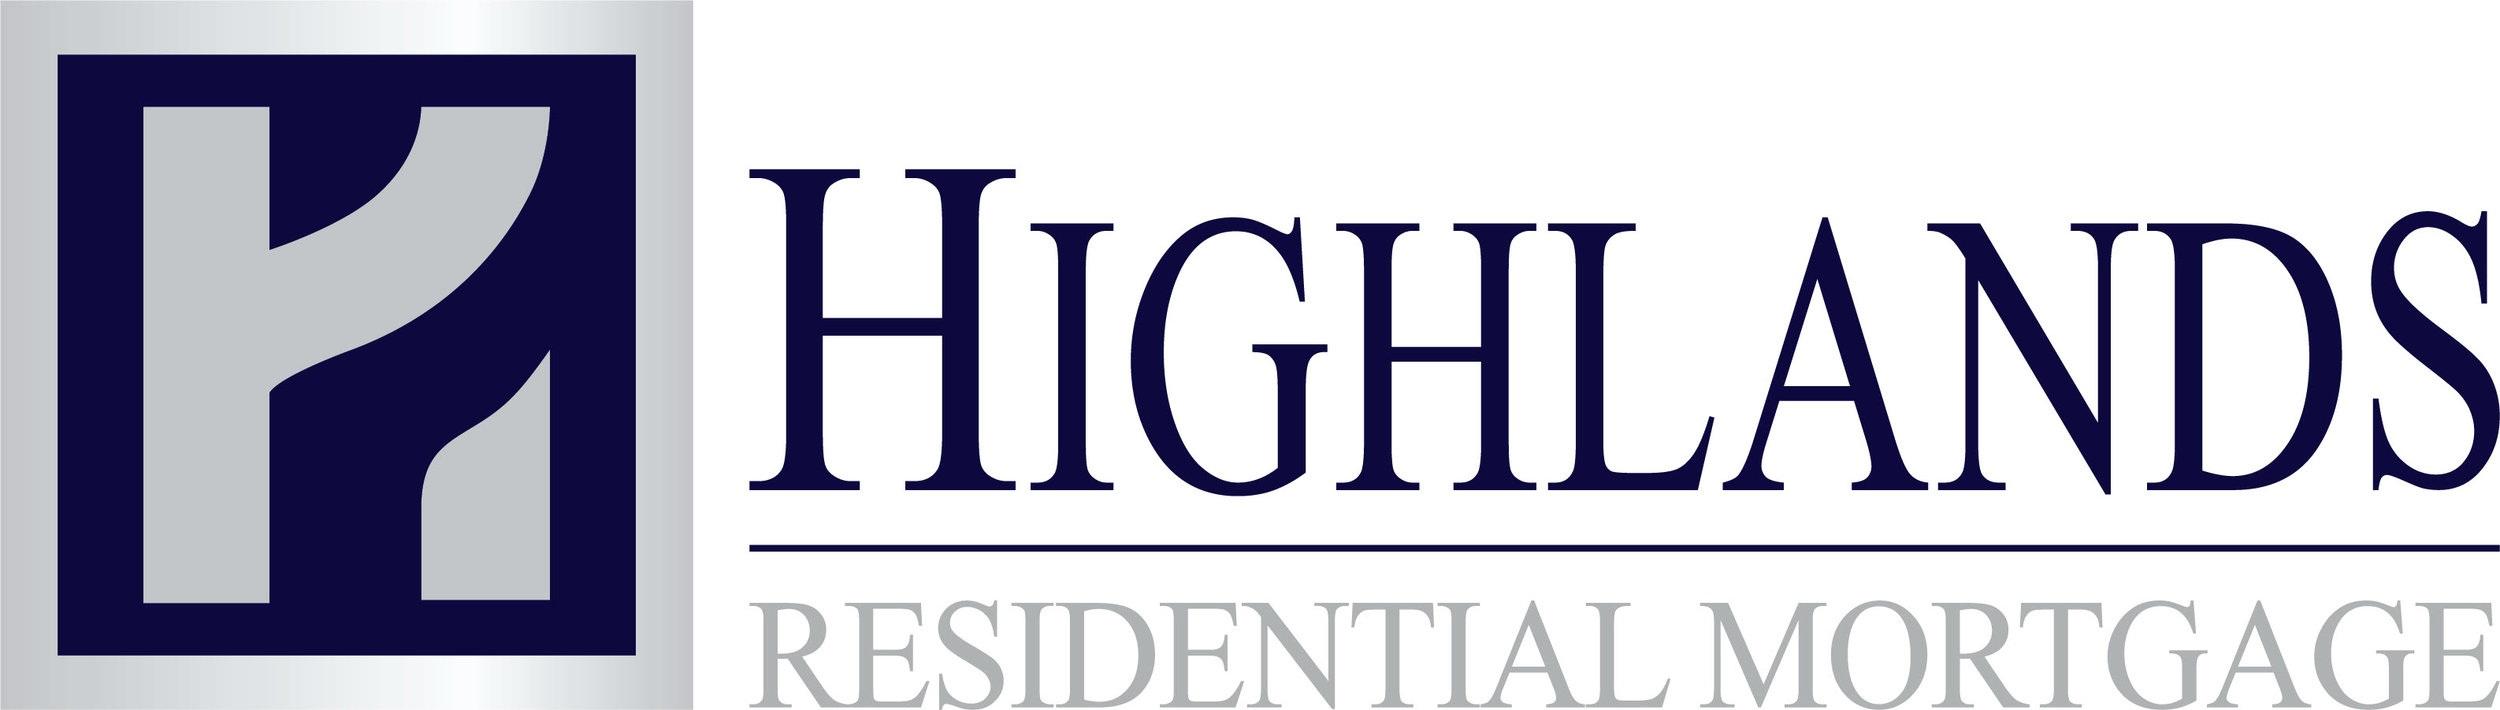 Highlands+Logo+JPEG.jpg